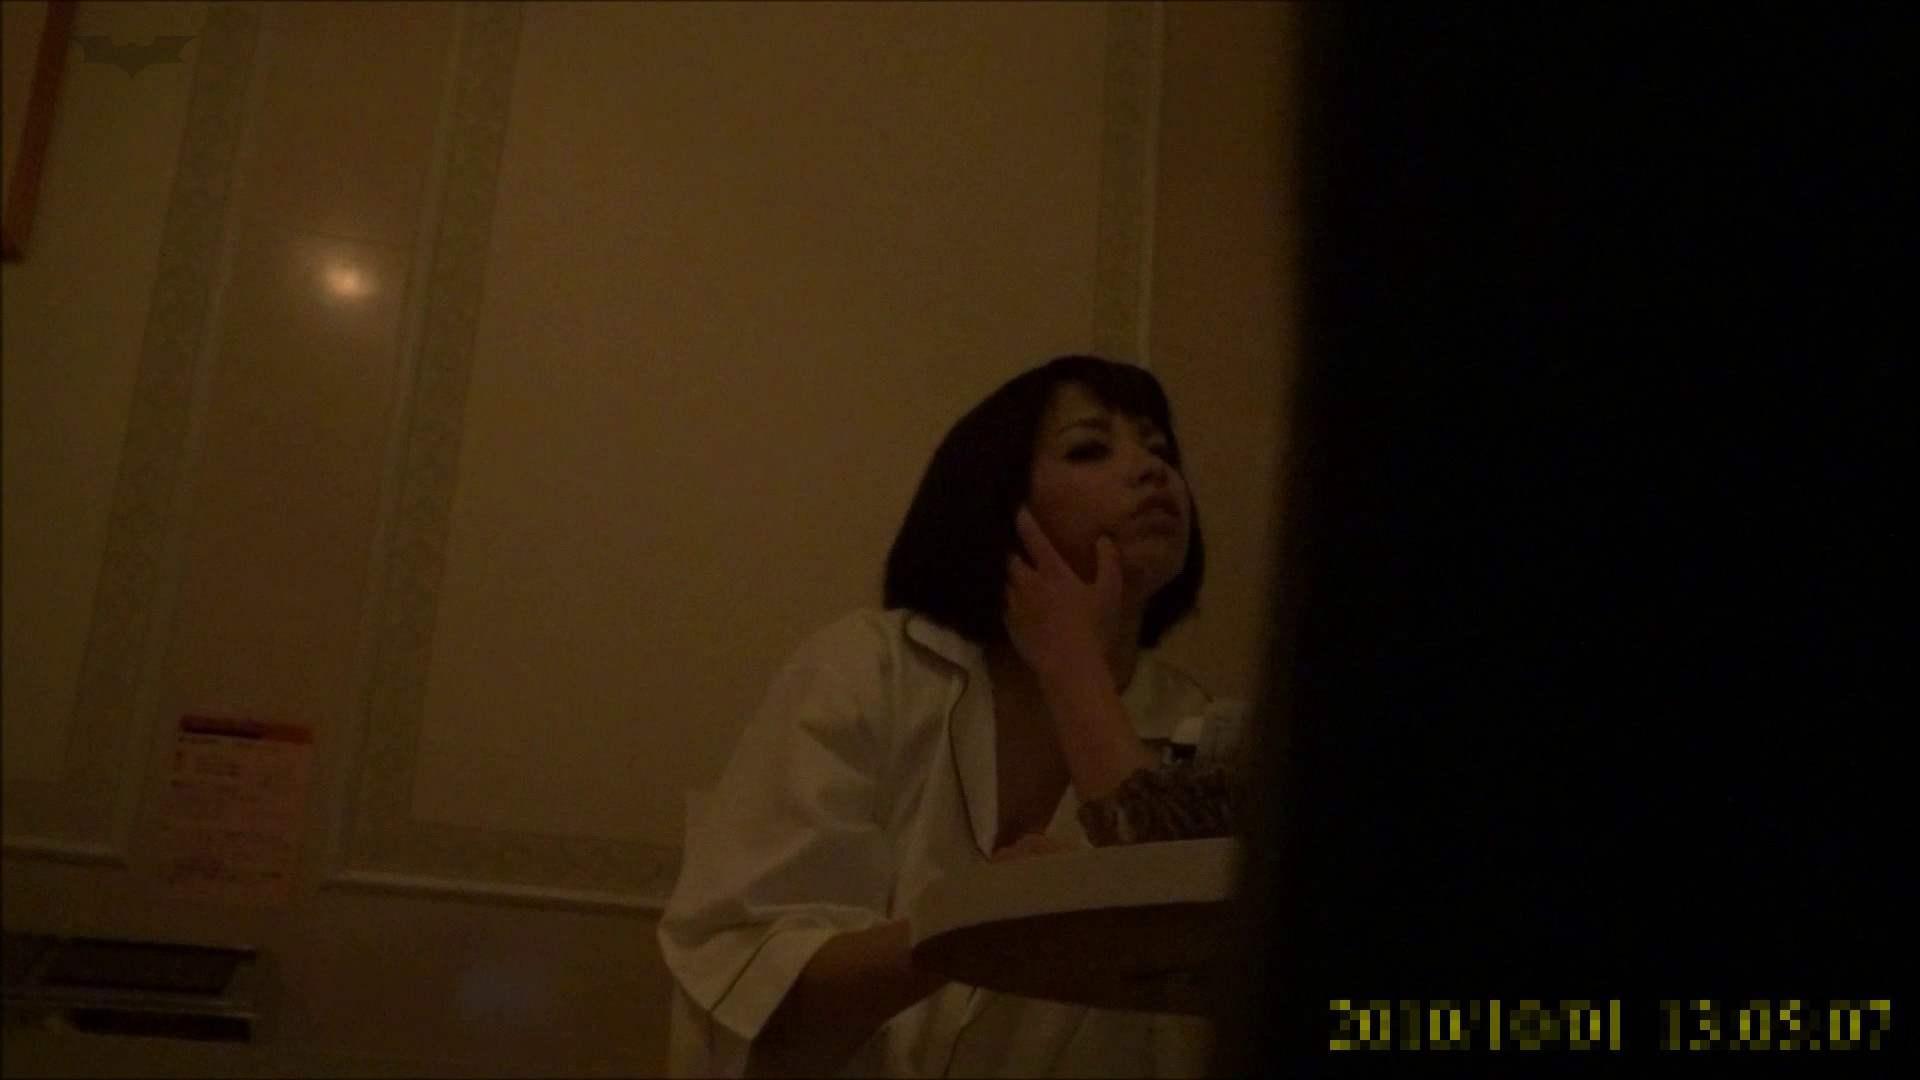 【未公開】vol.96 {茶髪→黒髪ギャル}美巨乳アミちゃん③【前編】 OLハメ撮り  83Pix 19